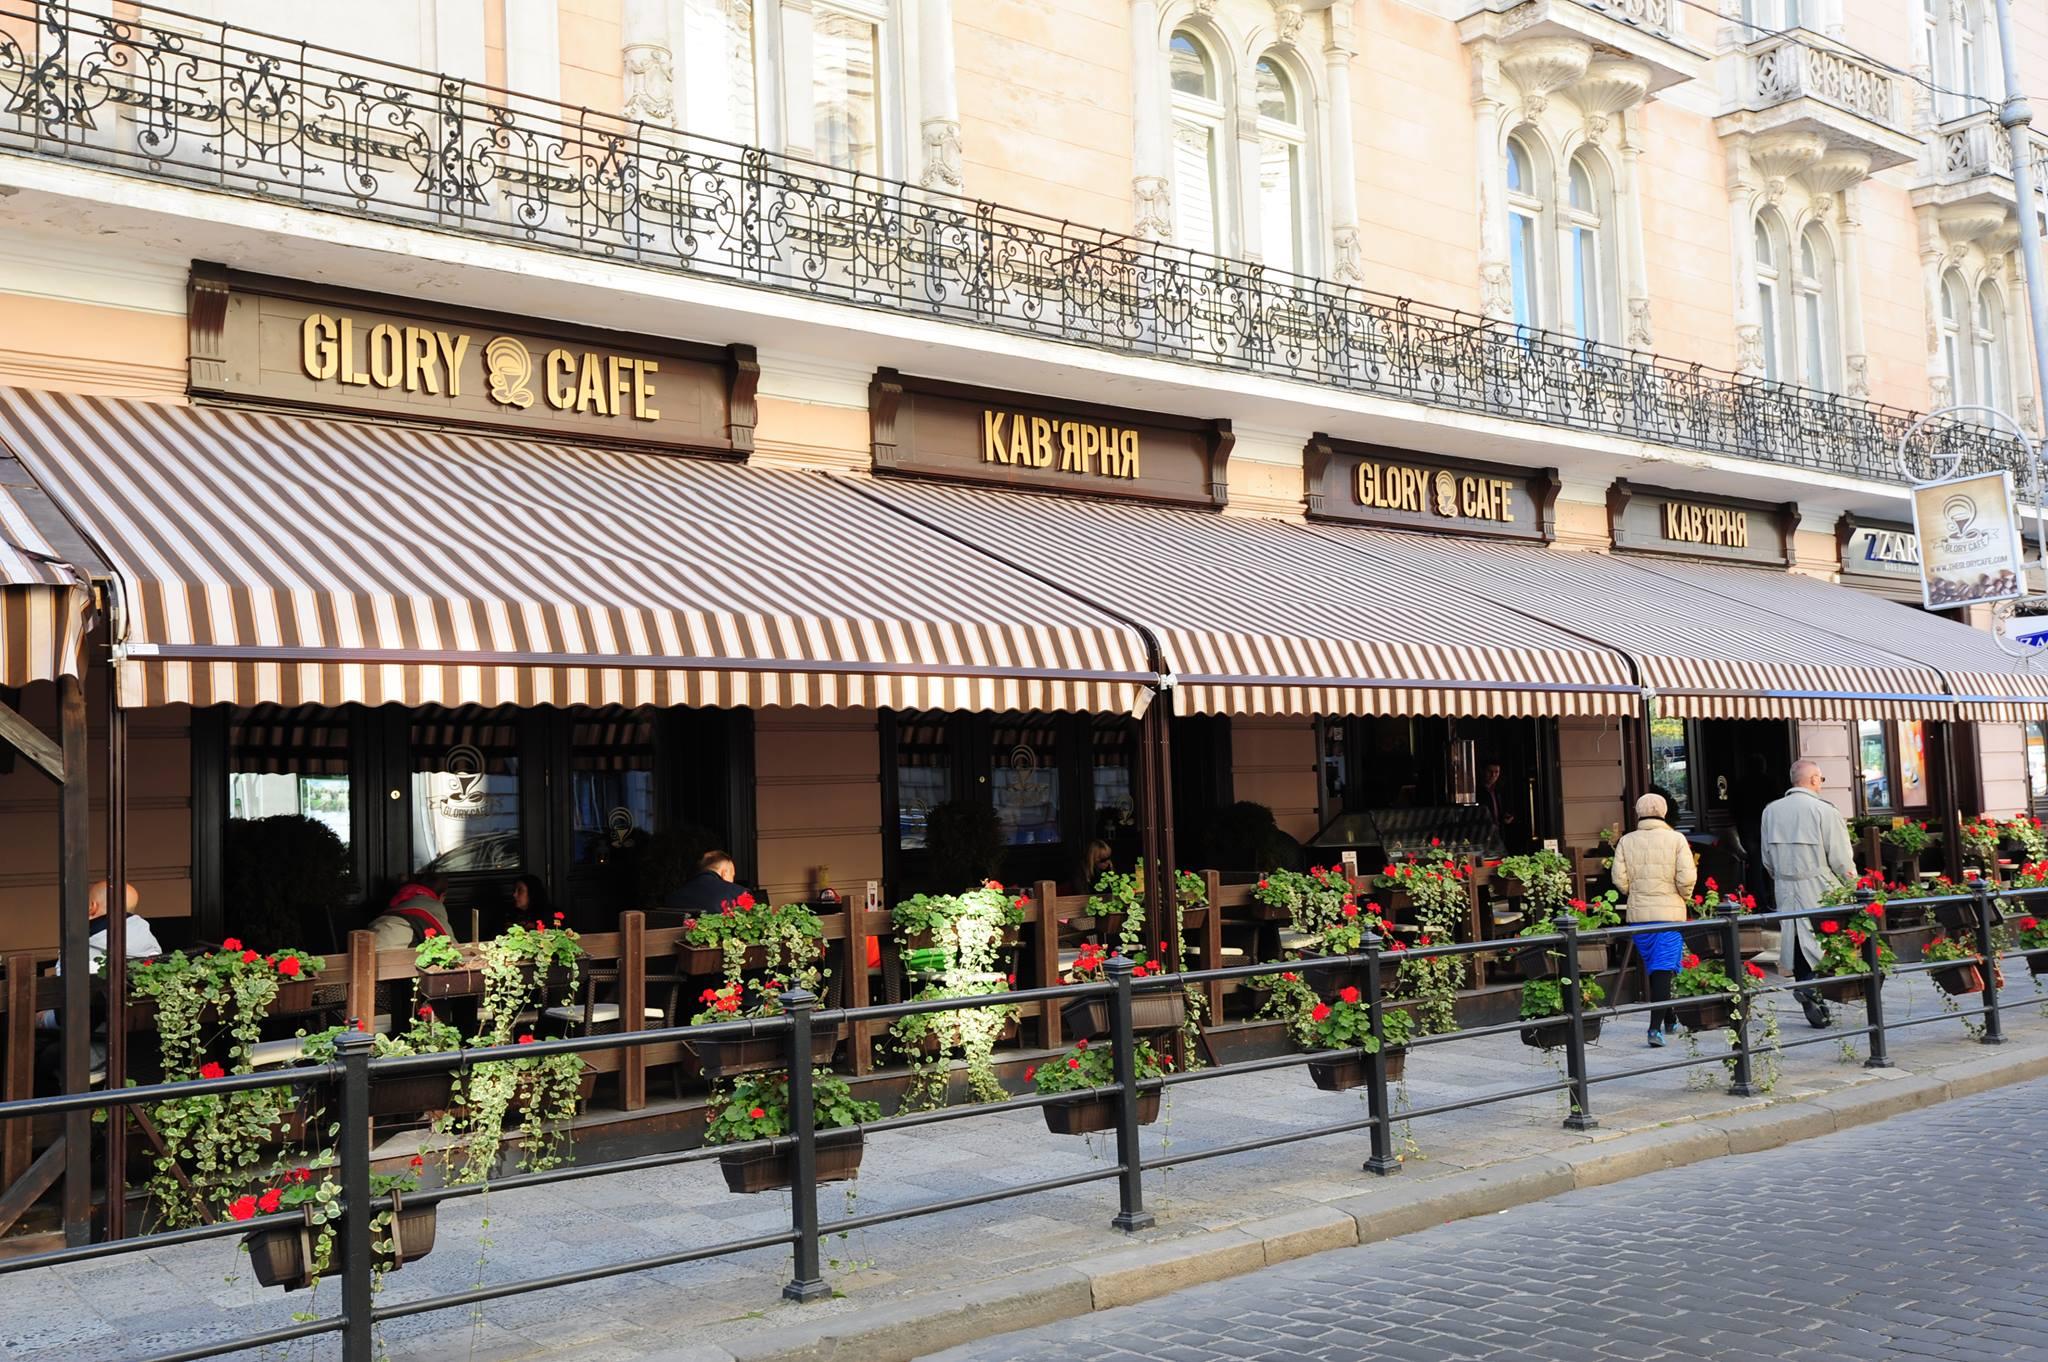 Glory Cafe, Lviv Glory Cafe, Lviv Türk İşletmesi, Lviv Onur İnşaat, Onur Group, Erhan Yüksel, Onur Çetinceviz, Ukrayna Onur Group